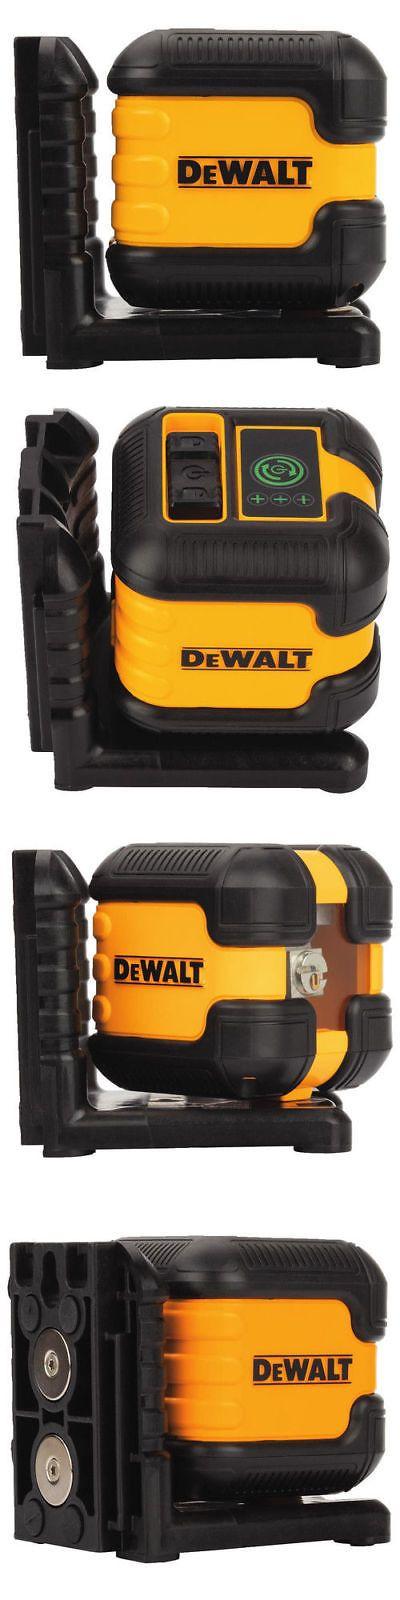 Dewalt Green Cross Line Laser Level Tool Only Dw08802cg New Laser Levels Dewalt Measuring Tools